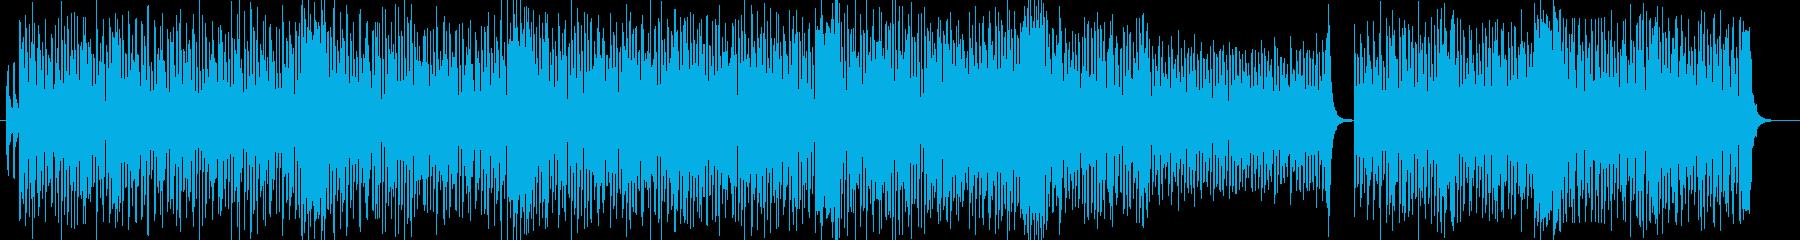 優遊楽しくシンセサイザーポップの再生済みの波形